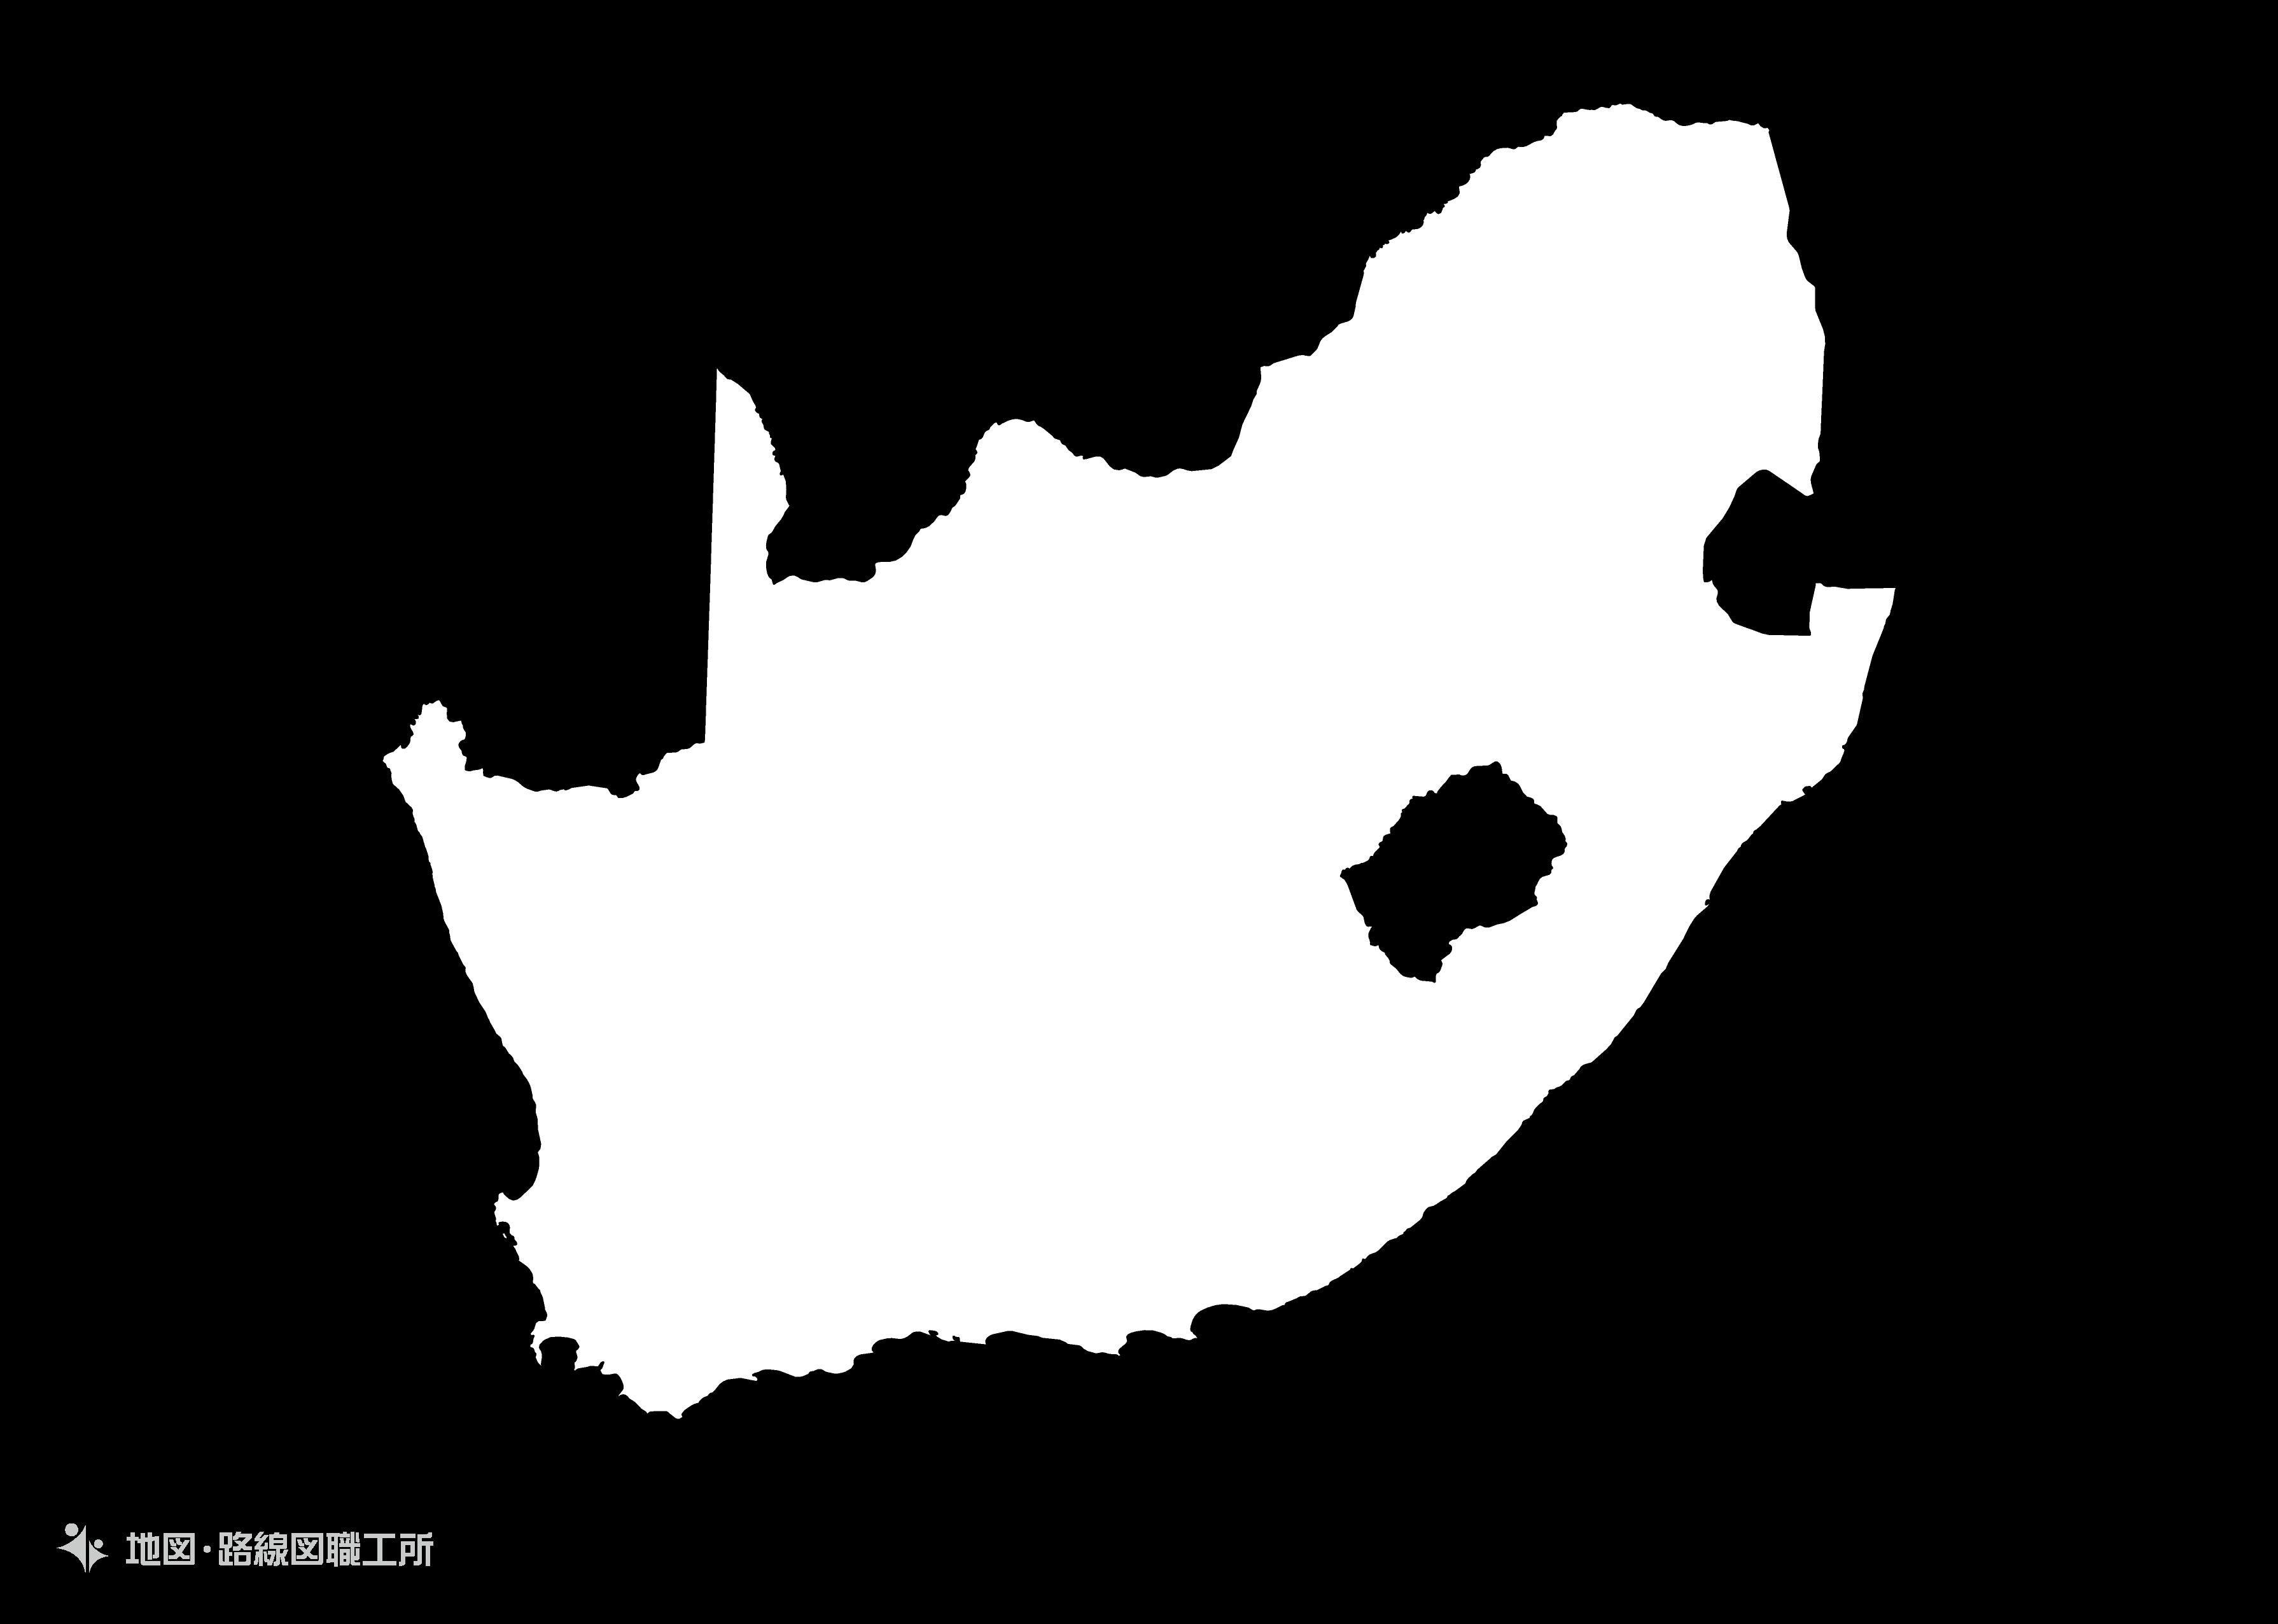 世界の白地図 南アフリカ共和国 republic-of-south-africa map